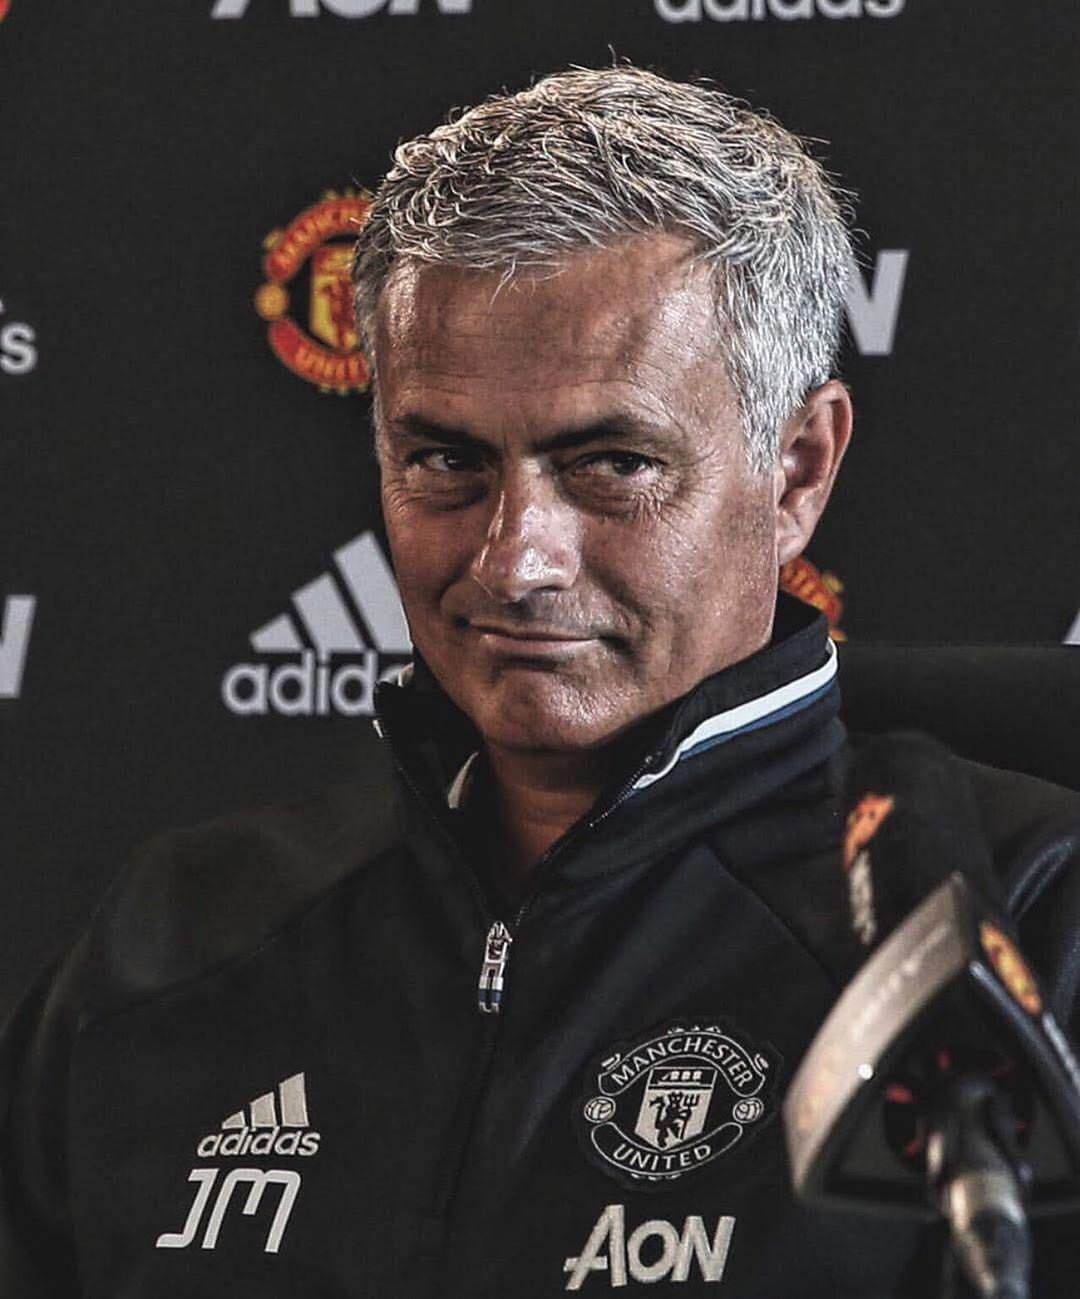 """Gary Neville: """"Jose Mourinho ในสมัยของเขาบอกเราว่านี่เป็นสิ่งที่ยิ่งใหญ่ที่สุดของเขา …"""